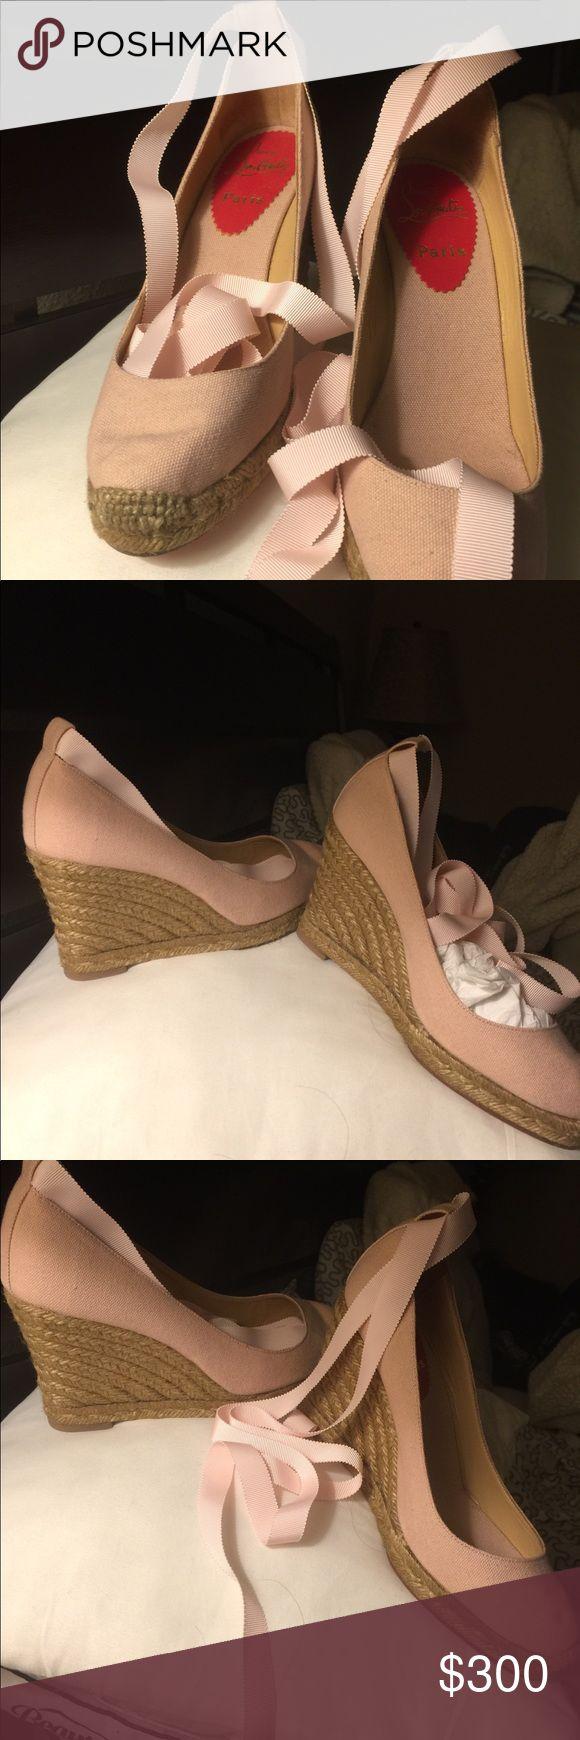 Trendy Halb Zapatos  Slipper Damen  Zapatos  Stretch Slipper  5mlu Schwarz Beige 39 0cb44a